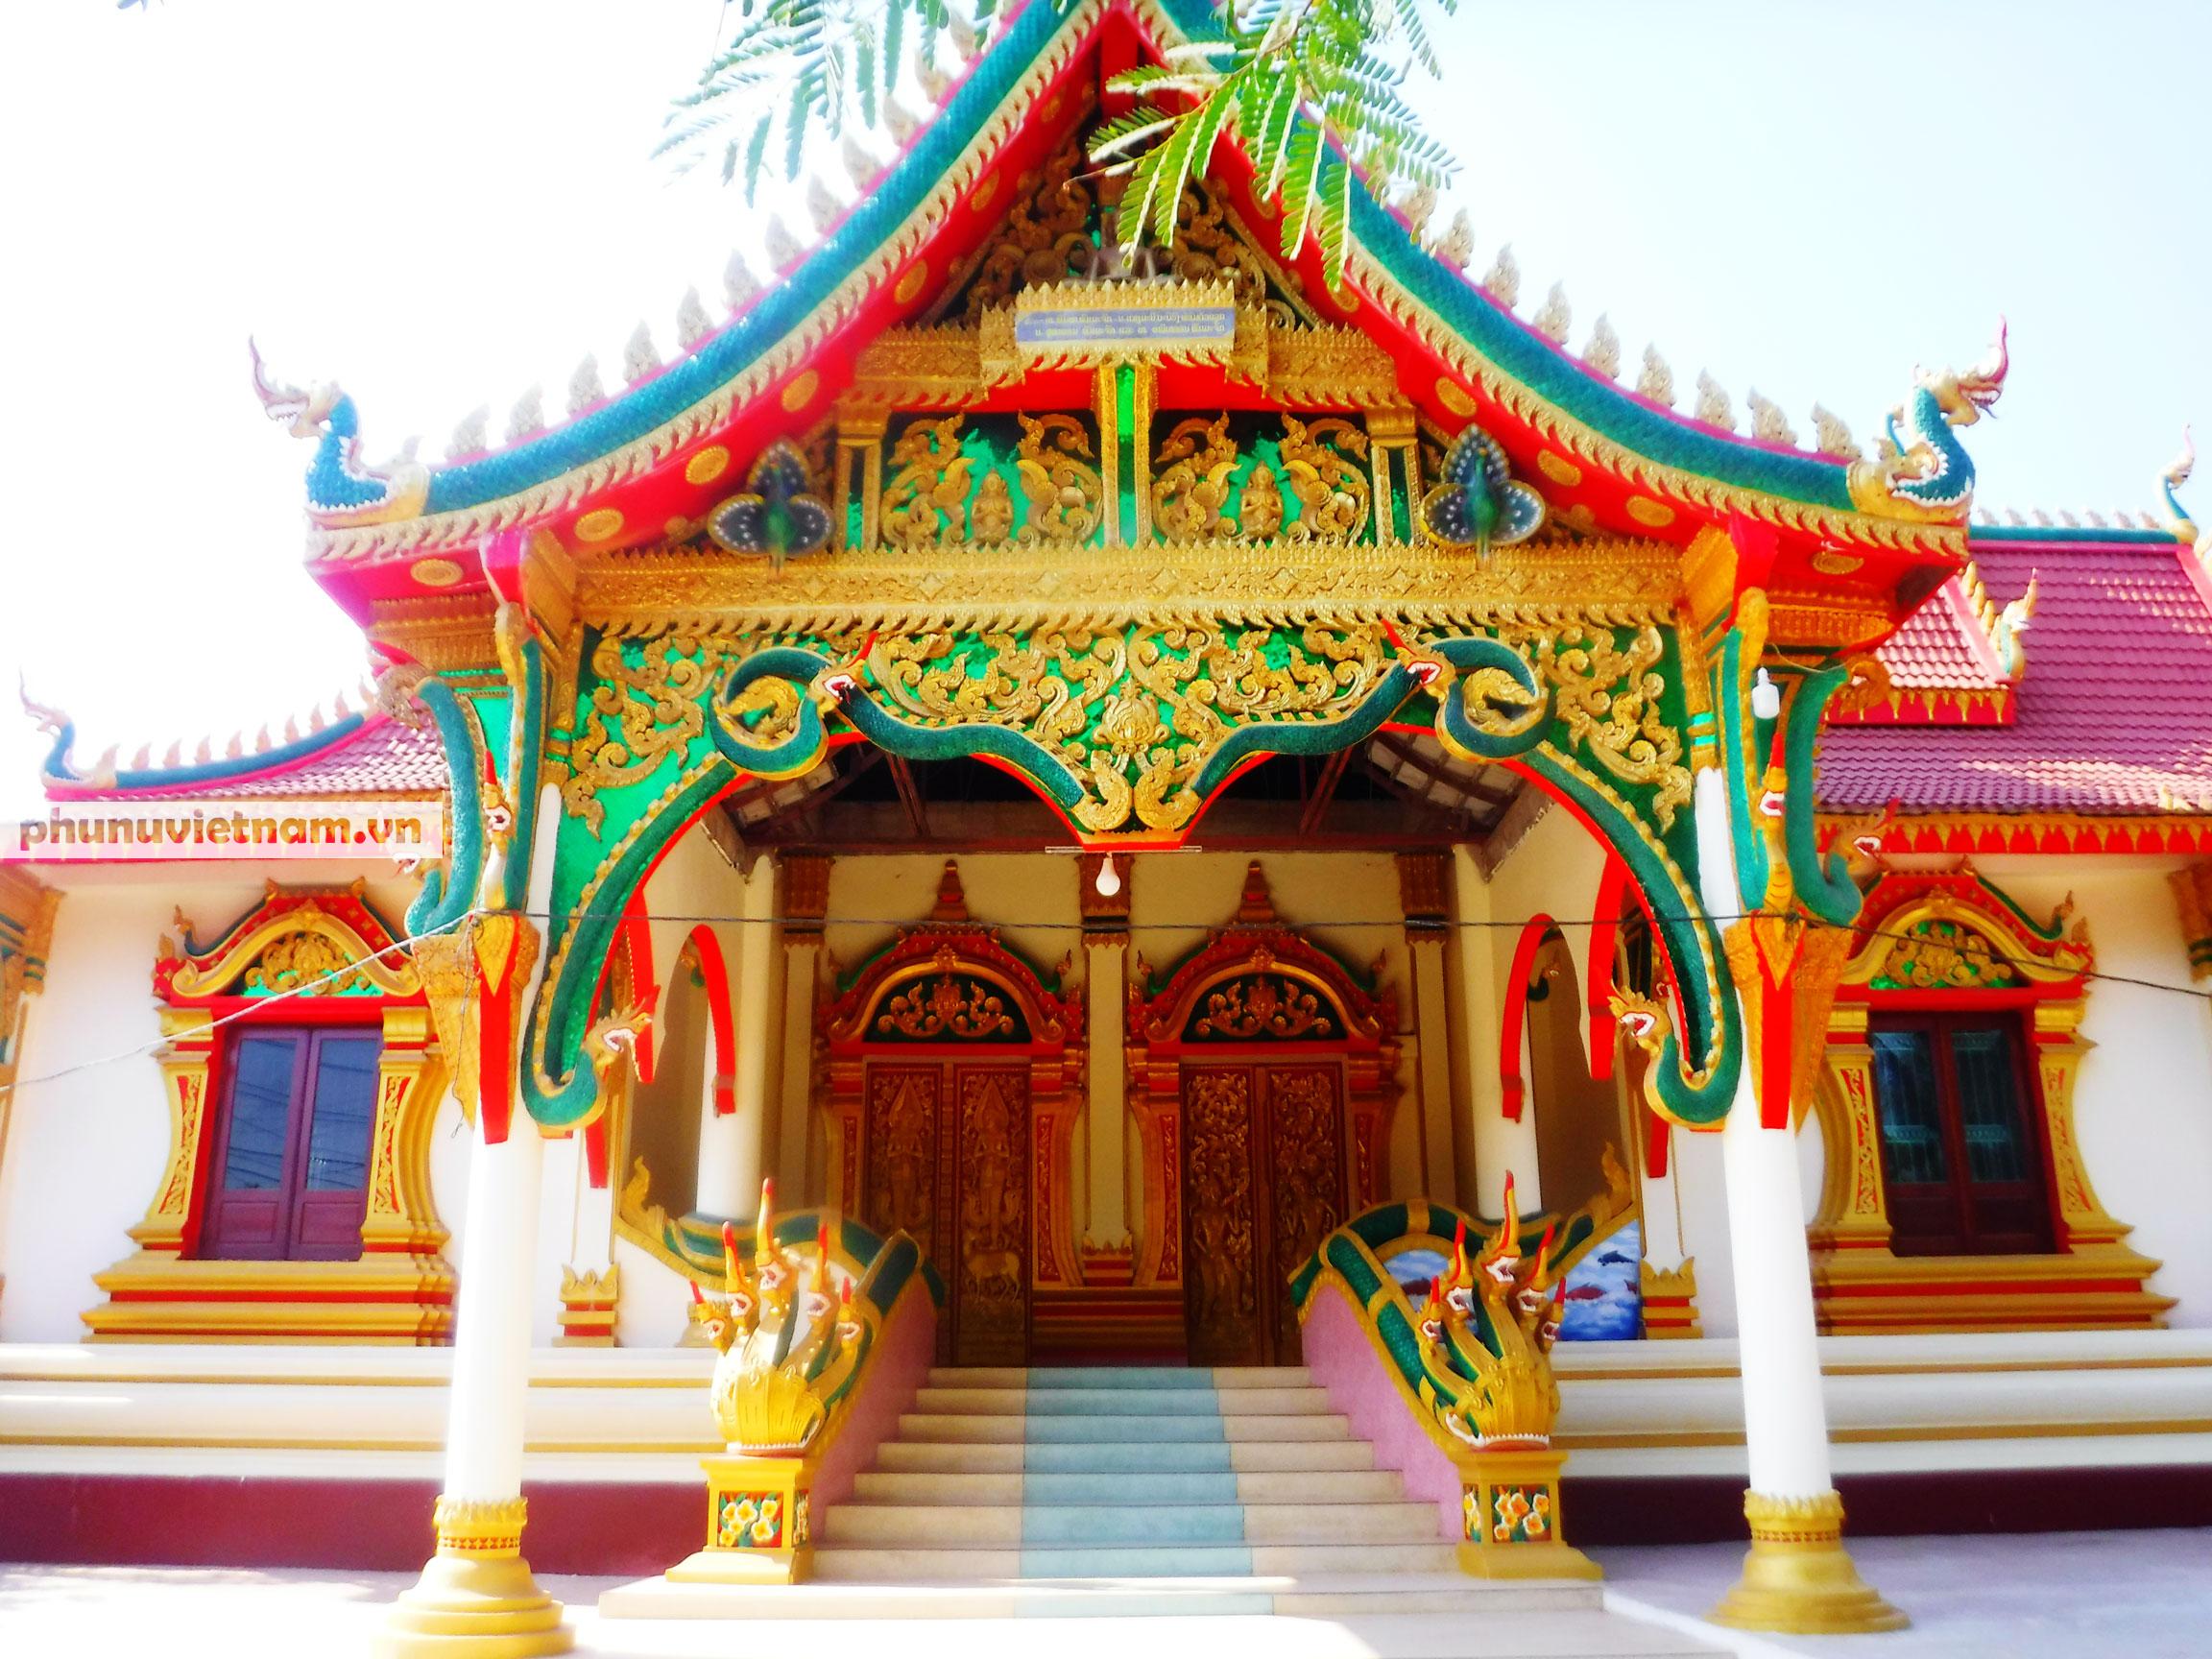 Độc đáo những bức tượng rắn trong chùa ở Viêng Chăn - Ảnh 1.